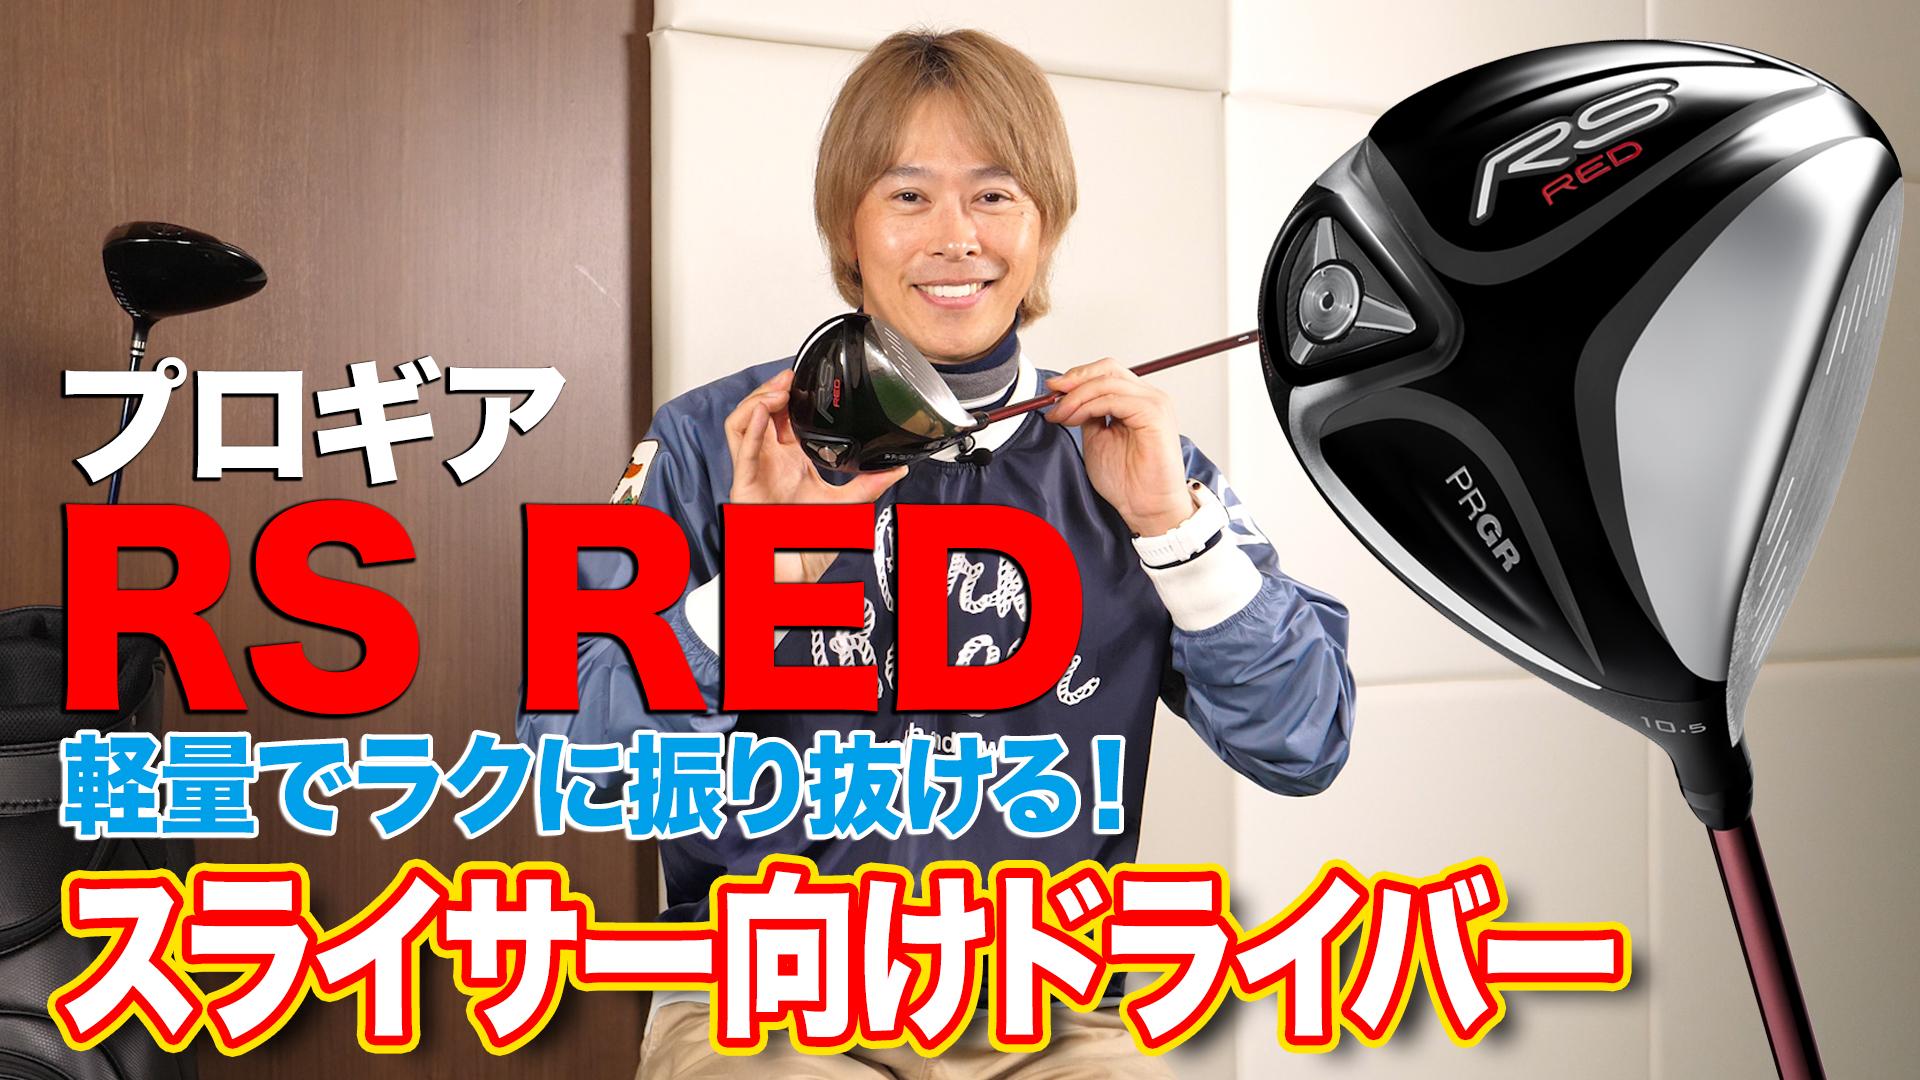 【スライサー向けドライバー】プロギア「RS RED ドライバー」